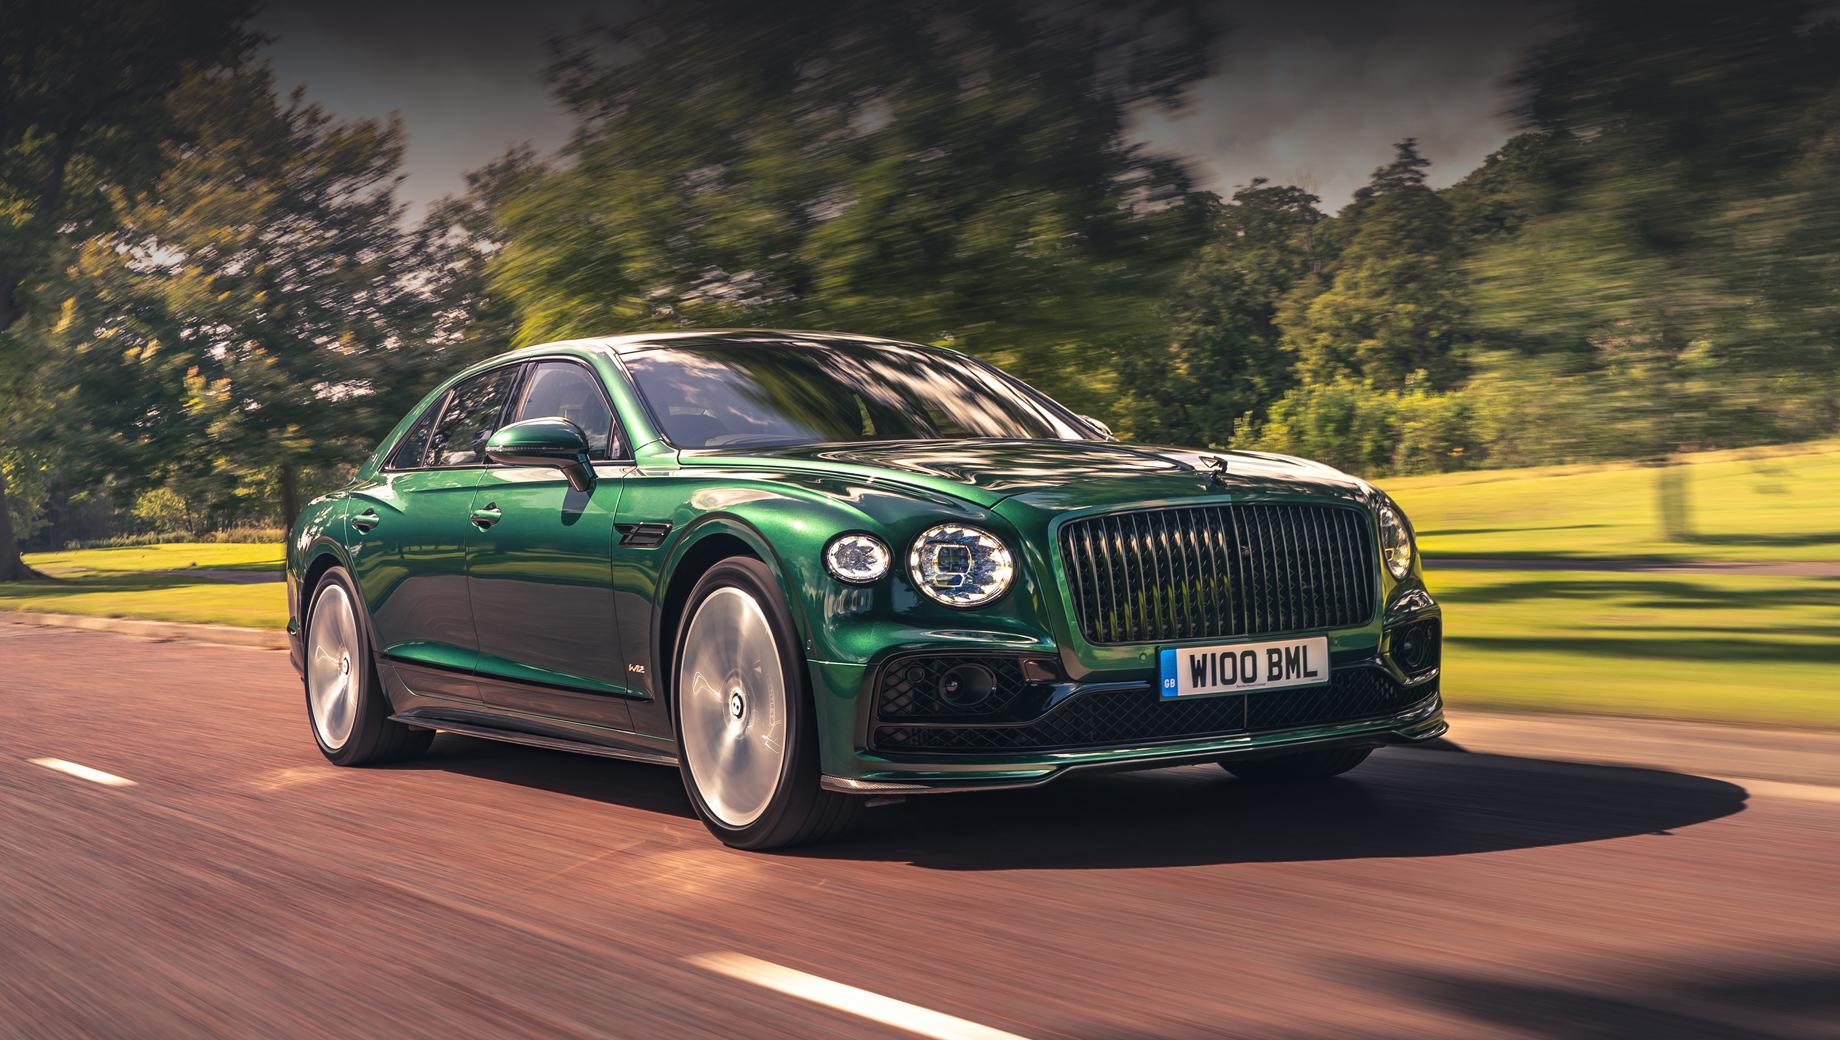 Bentley flying spur. В новый набор вошли сплиттер, накладки на пороги, задние диффузор и спойлер. Все они изготовлены вручную.